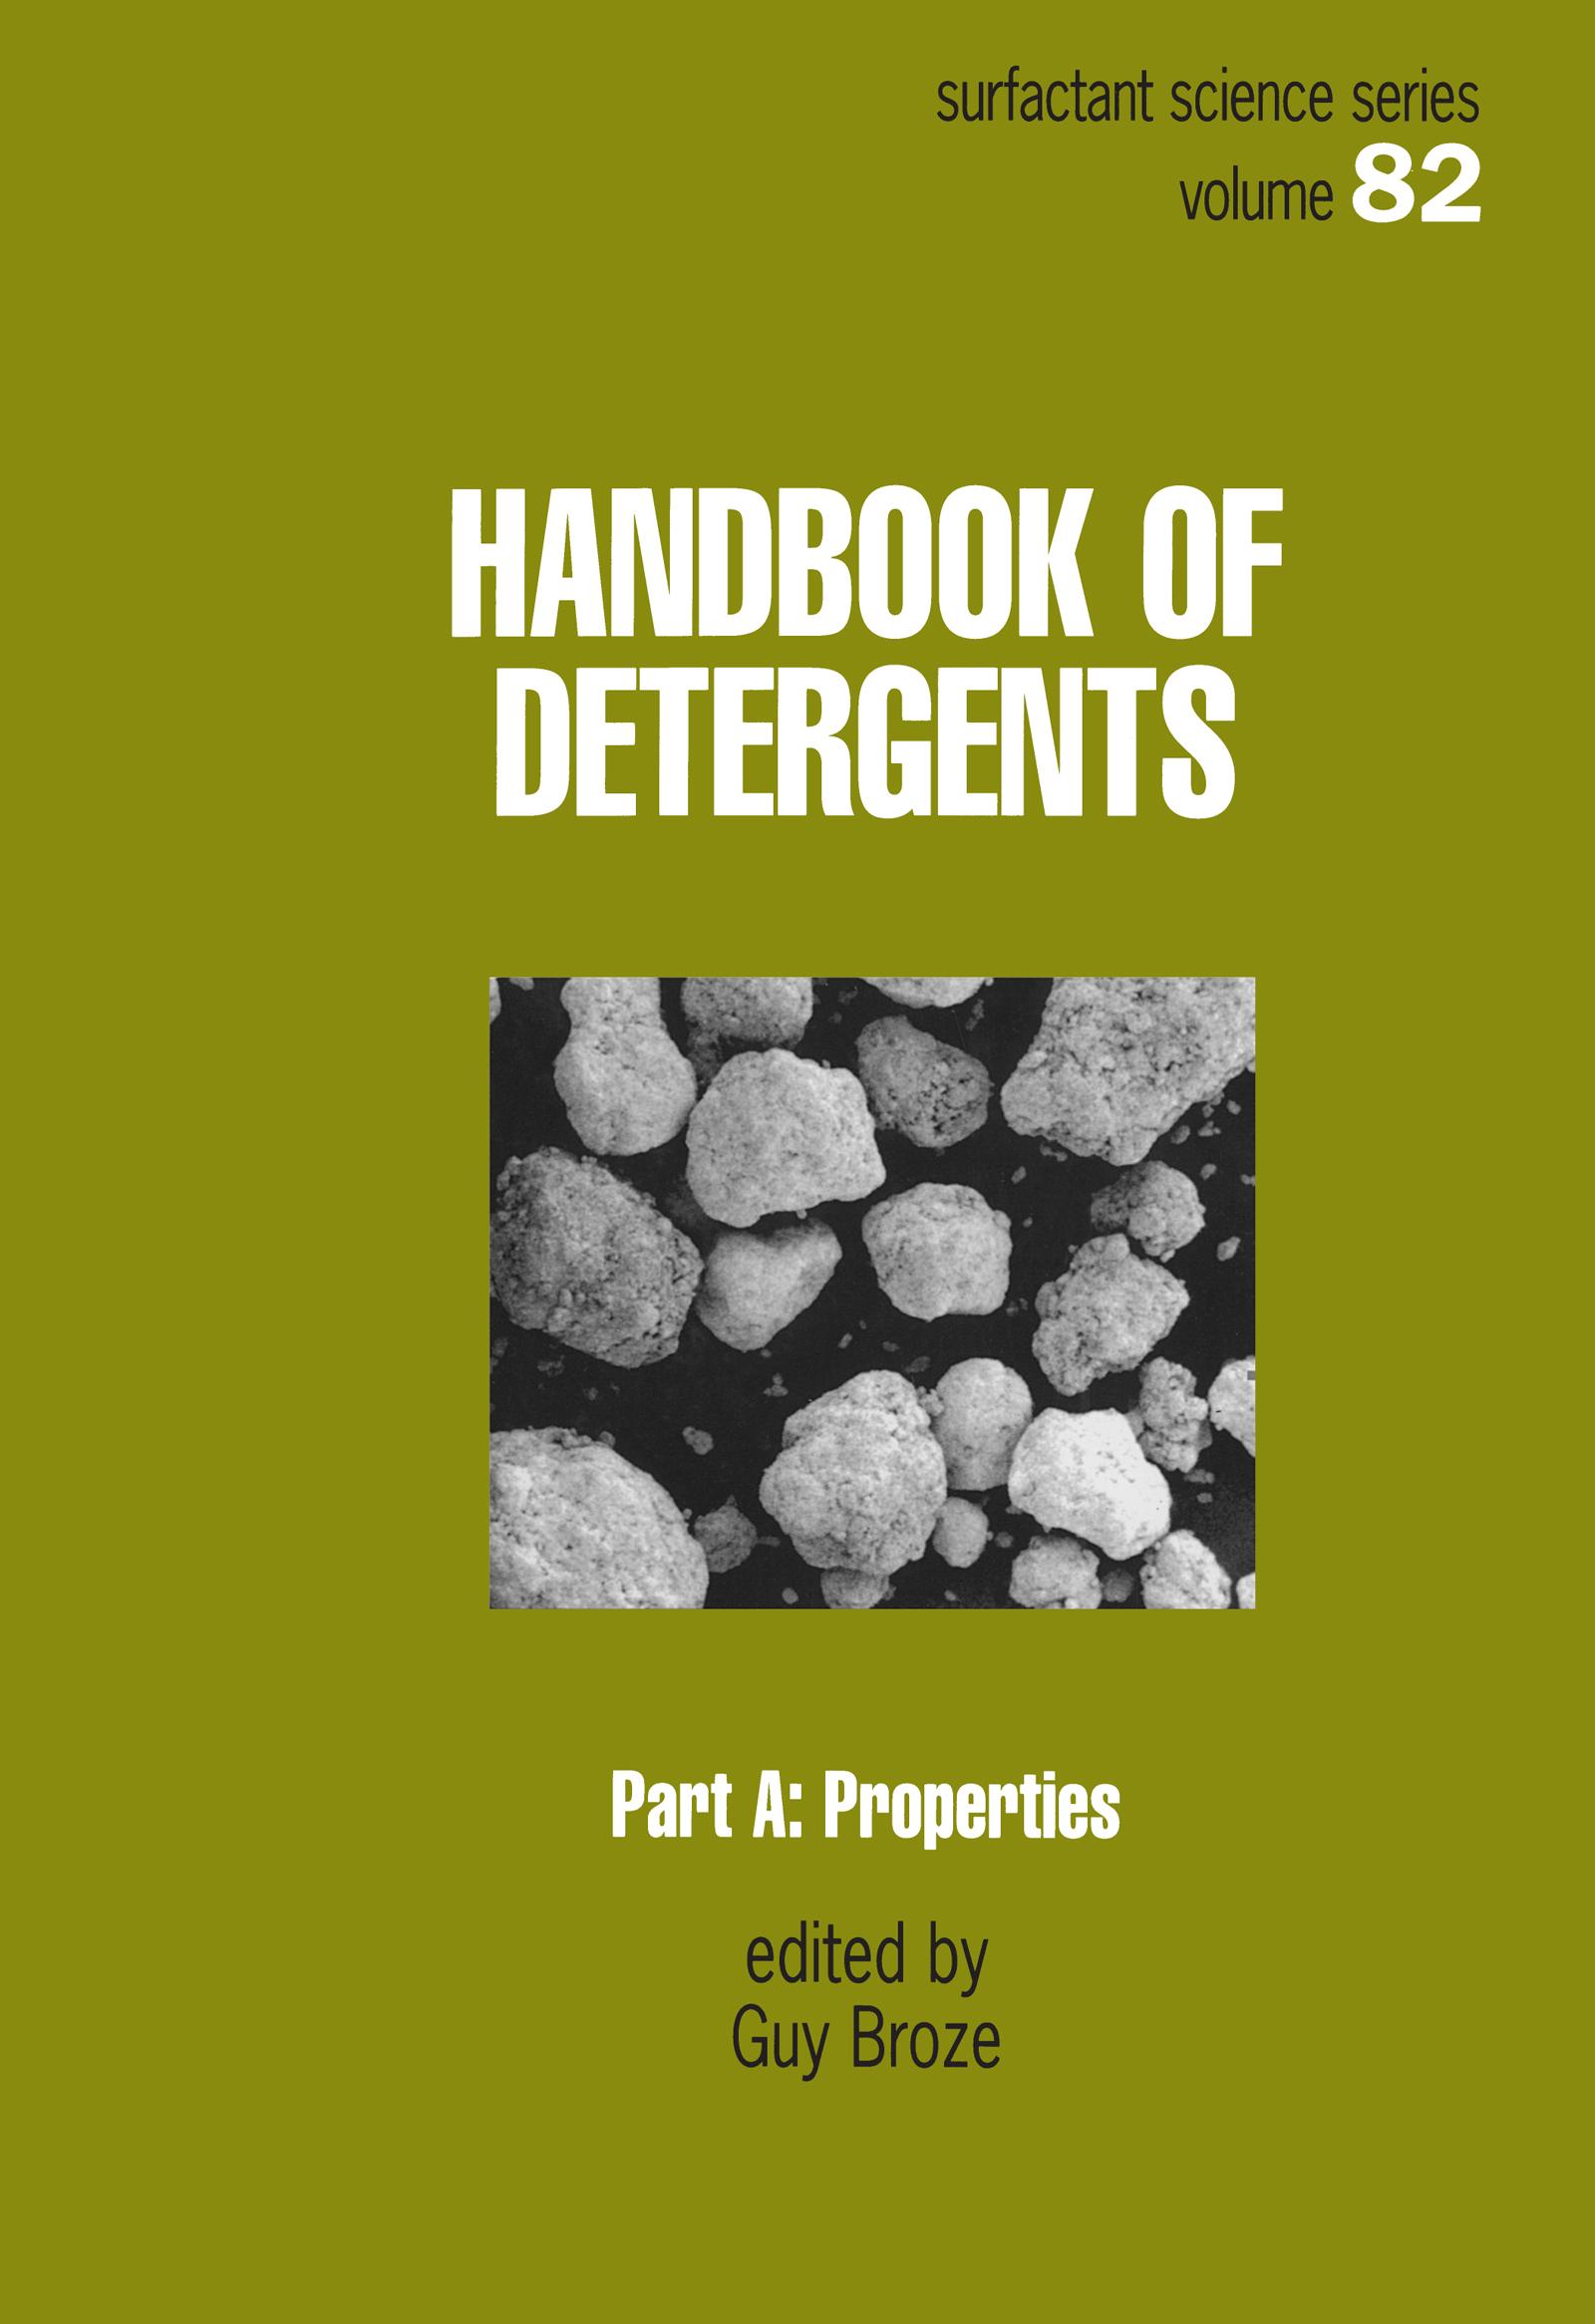 Handbook of Detergents, Part A